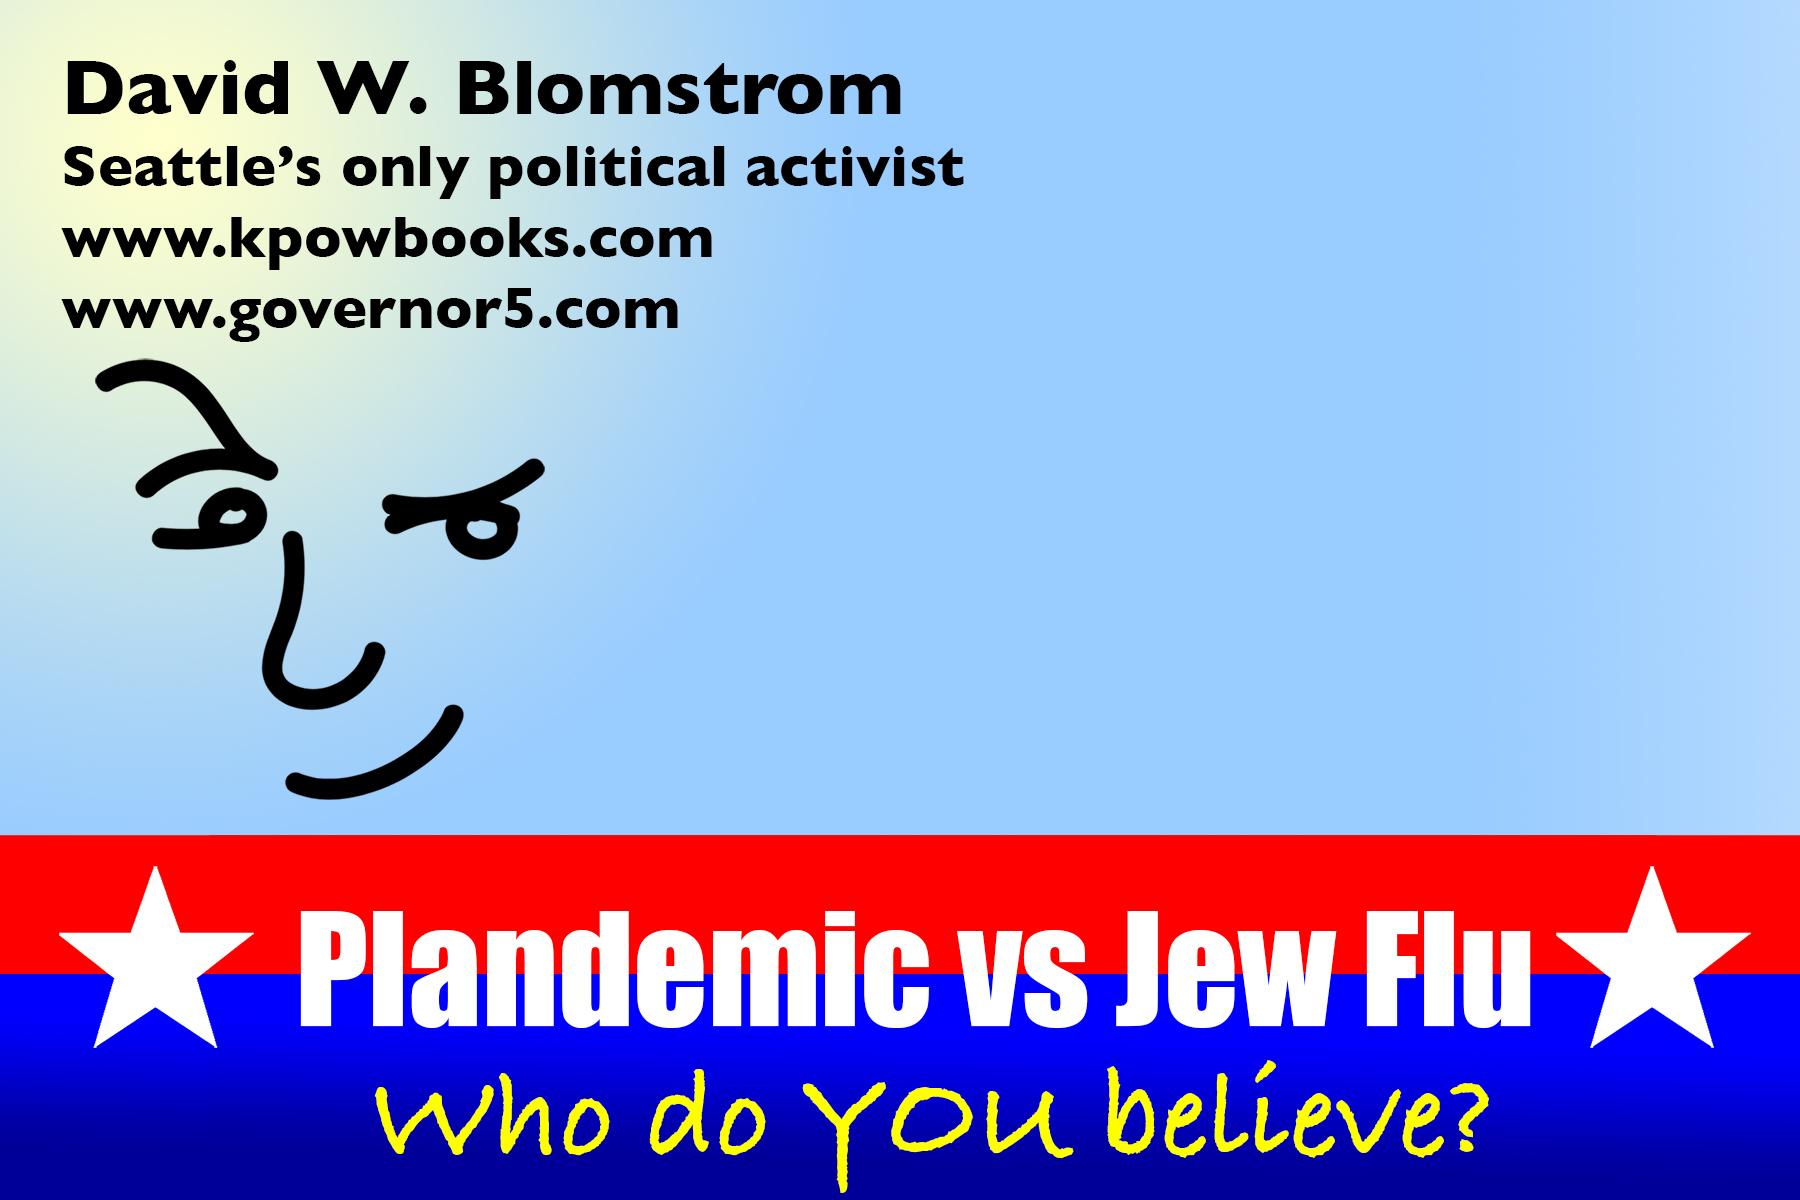 Jew Flu card (front)